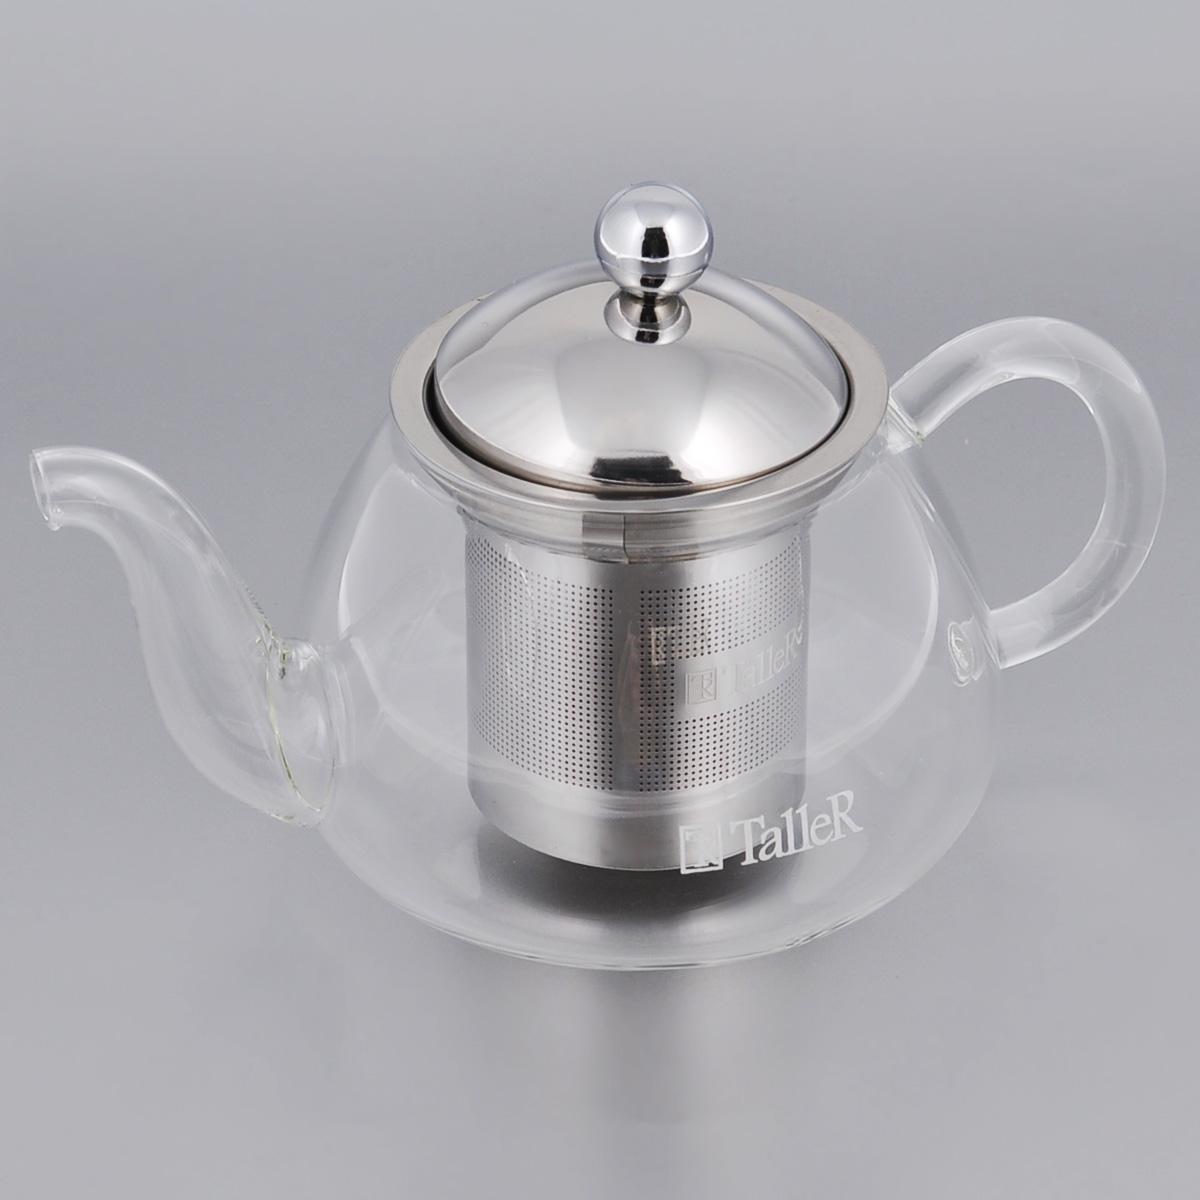 Чайник заварочный Taller Hansen, 700 млTR-1346Заварочный чайник Taller Hansen изготовлен из жаропрочного боросиликатного стекла. Крышка и ситечко выполнены из высококачественной нержавеющей стали 18/10. Чайник идеален для приготовления кофе, чая, тонизирующих и расслабляющих напитков. Удобная ручка не нагревается. Съемный фильтр для заваривания удобен в использовании. Форма края носика препятствует образованию подтеков. Разборная конструкция позволяет легко мыть чайник. Подходит для мытья в посудомоечной машине.Диаметр чайника (по верхнему краю): 8 см. Высота чайника (без учета крышки): 8 см. Высота ситечка: 7,5 см.